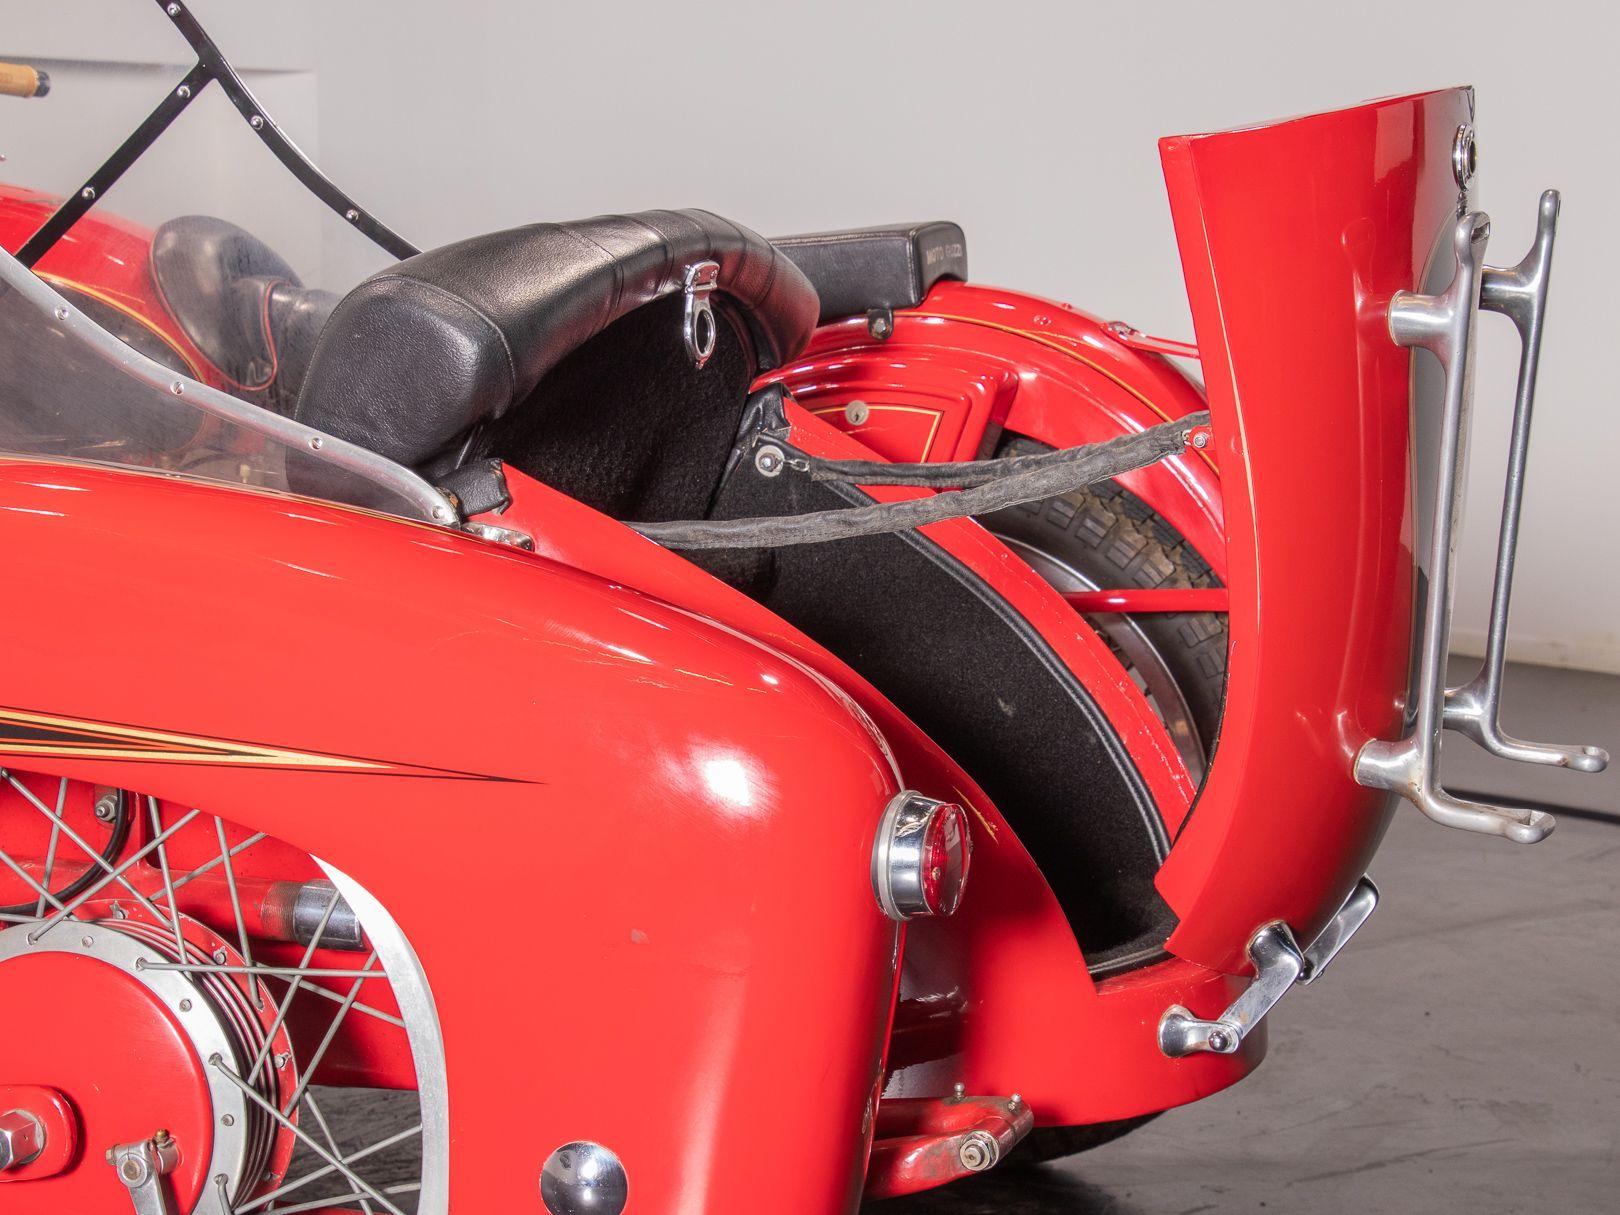 1956 Moto Guzzi 500 FS Sidecar 44971